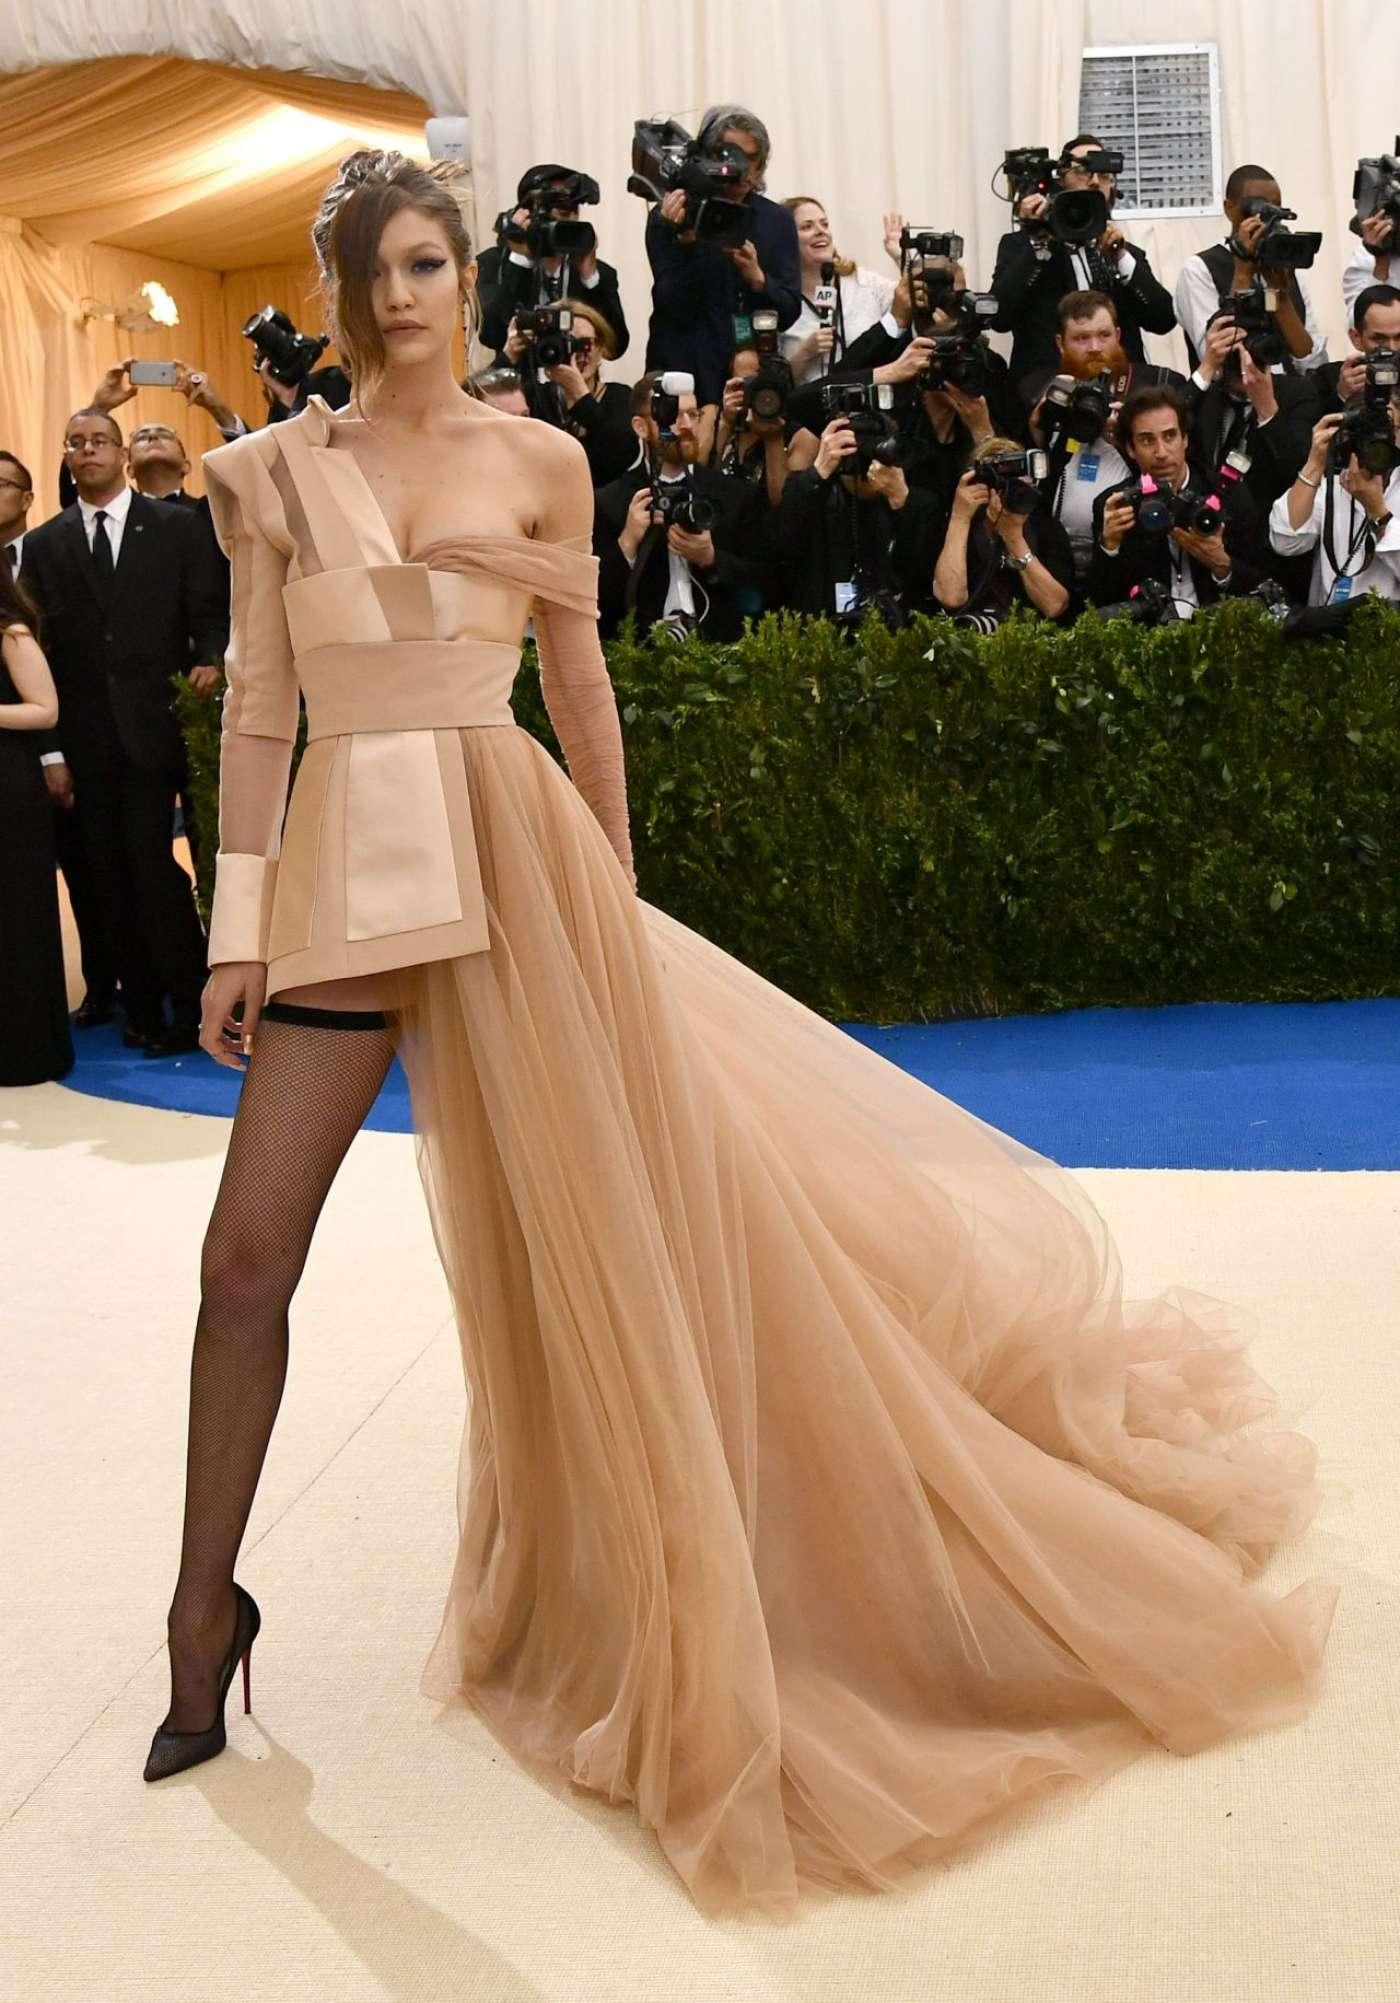 Gigi Hadid, Vogue, Met Gala 2018, The Met Gala 2018, The Met Gala, Met Gala, Metropolitan Museum of Art